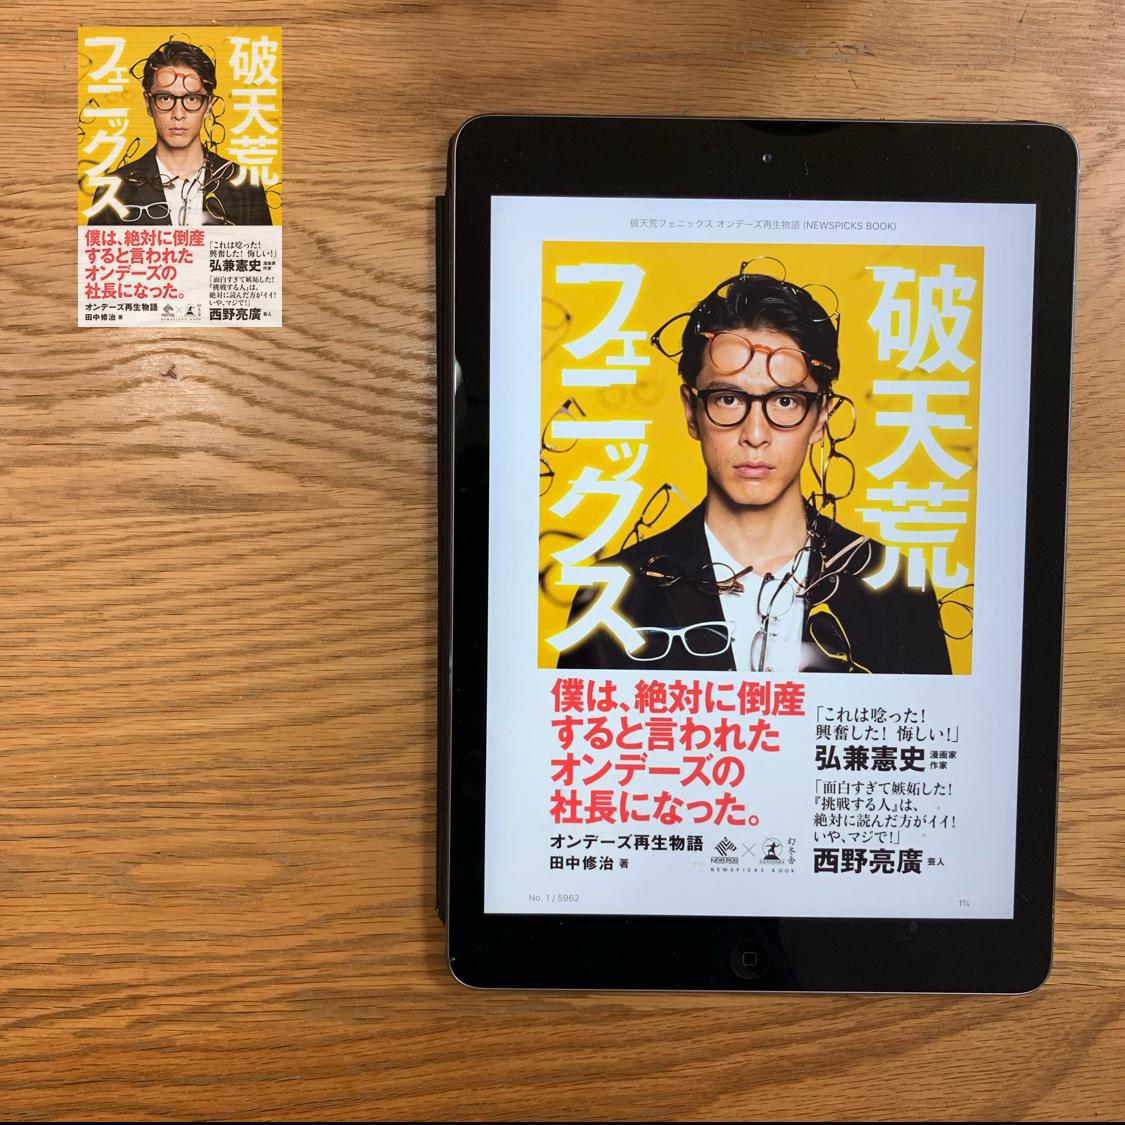 破天荒フェニックス オンデーズ再生物語 (NewsPicks Book) | 田中修治 | 日本の小説・文芸 | Kindleストア | Amazon